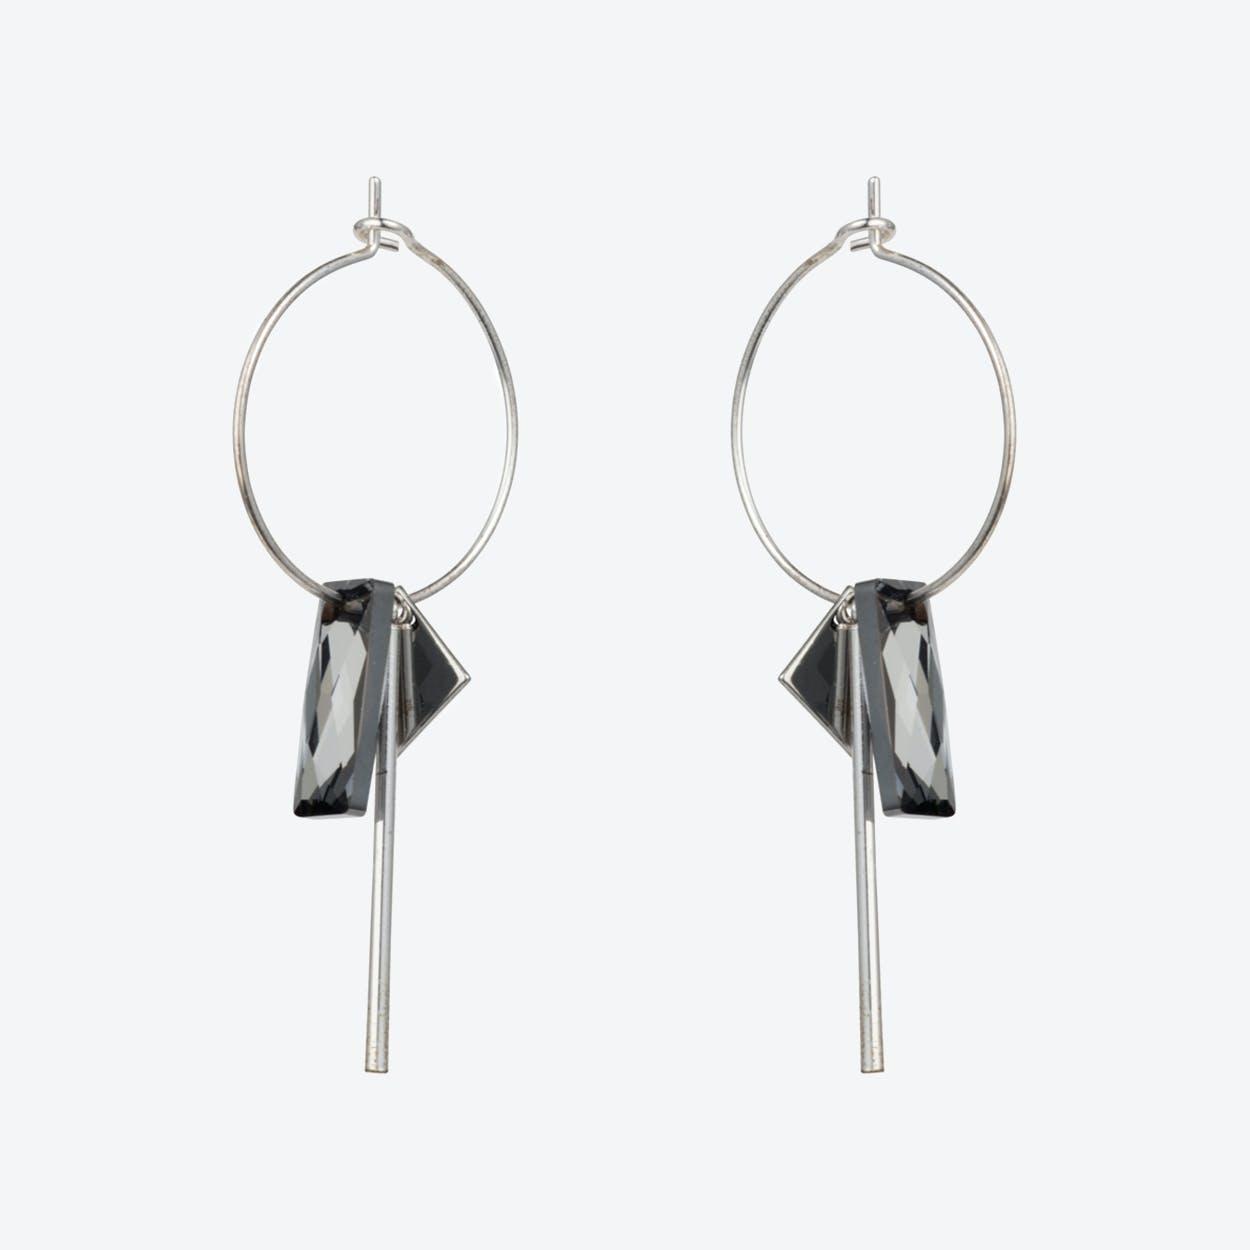 Crystal Baguette Hoop Earrings – Silver Night